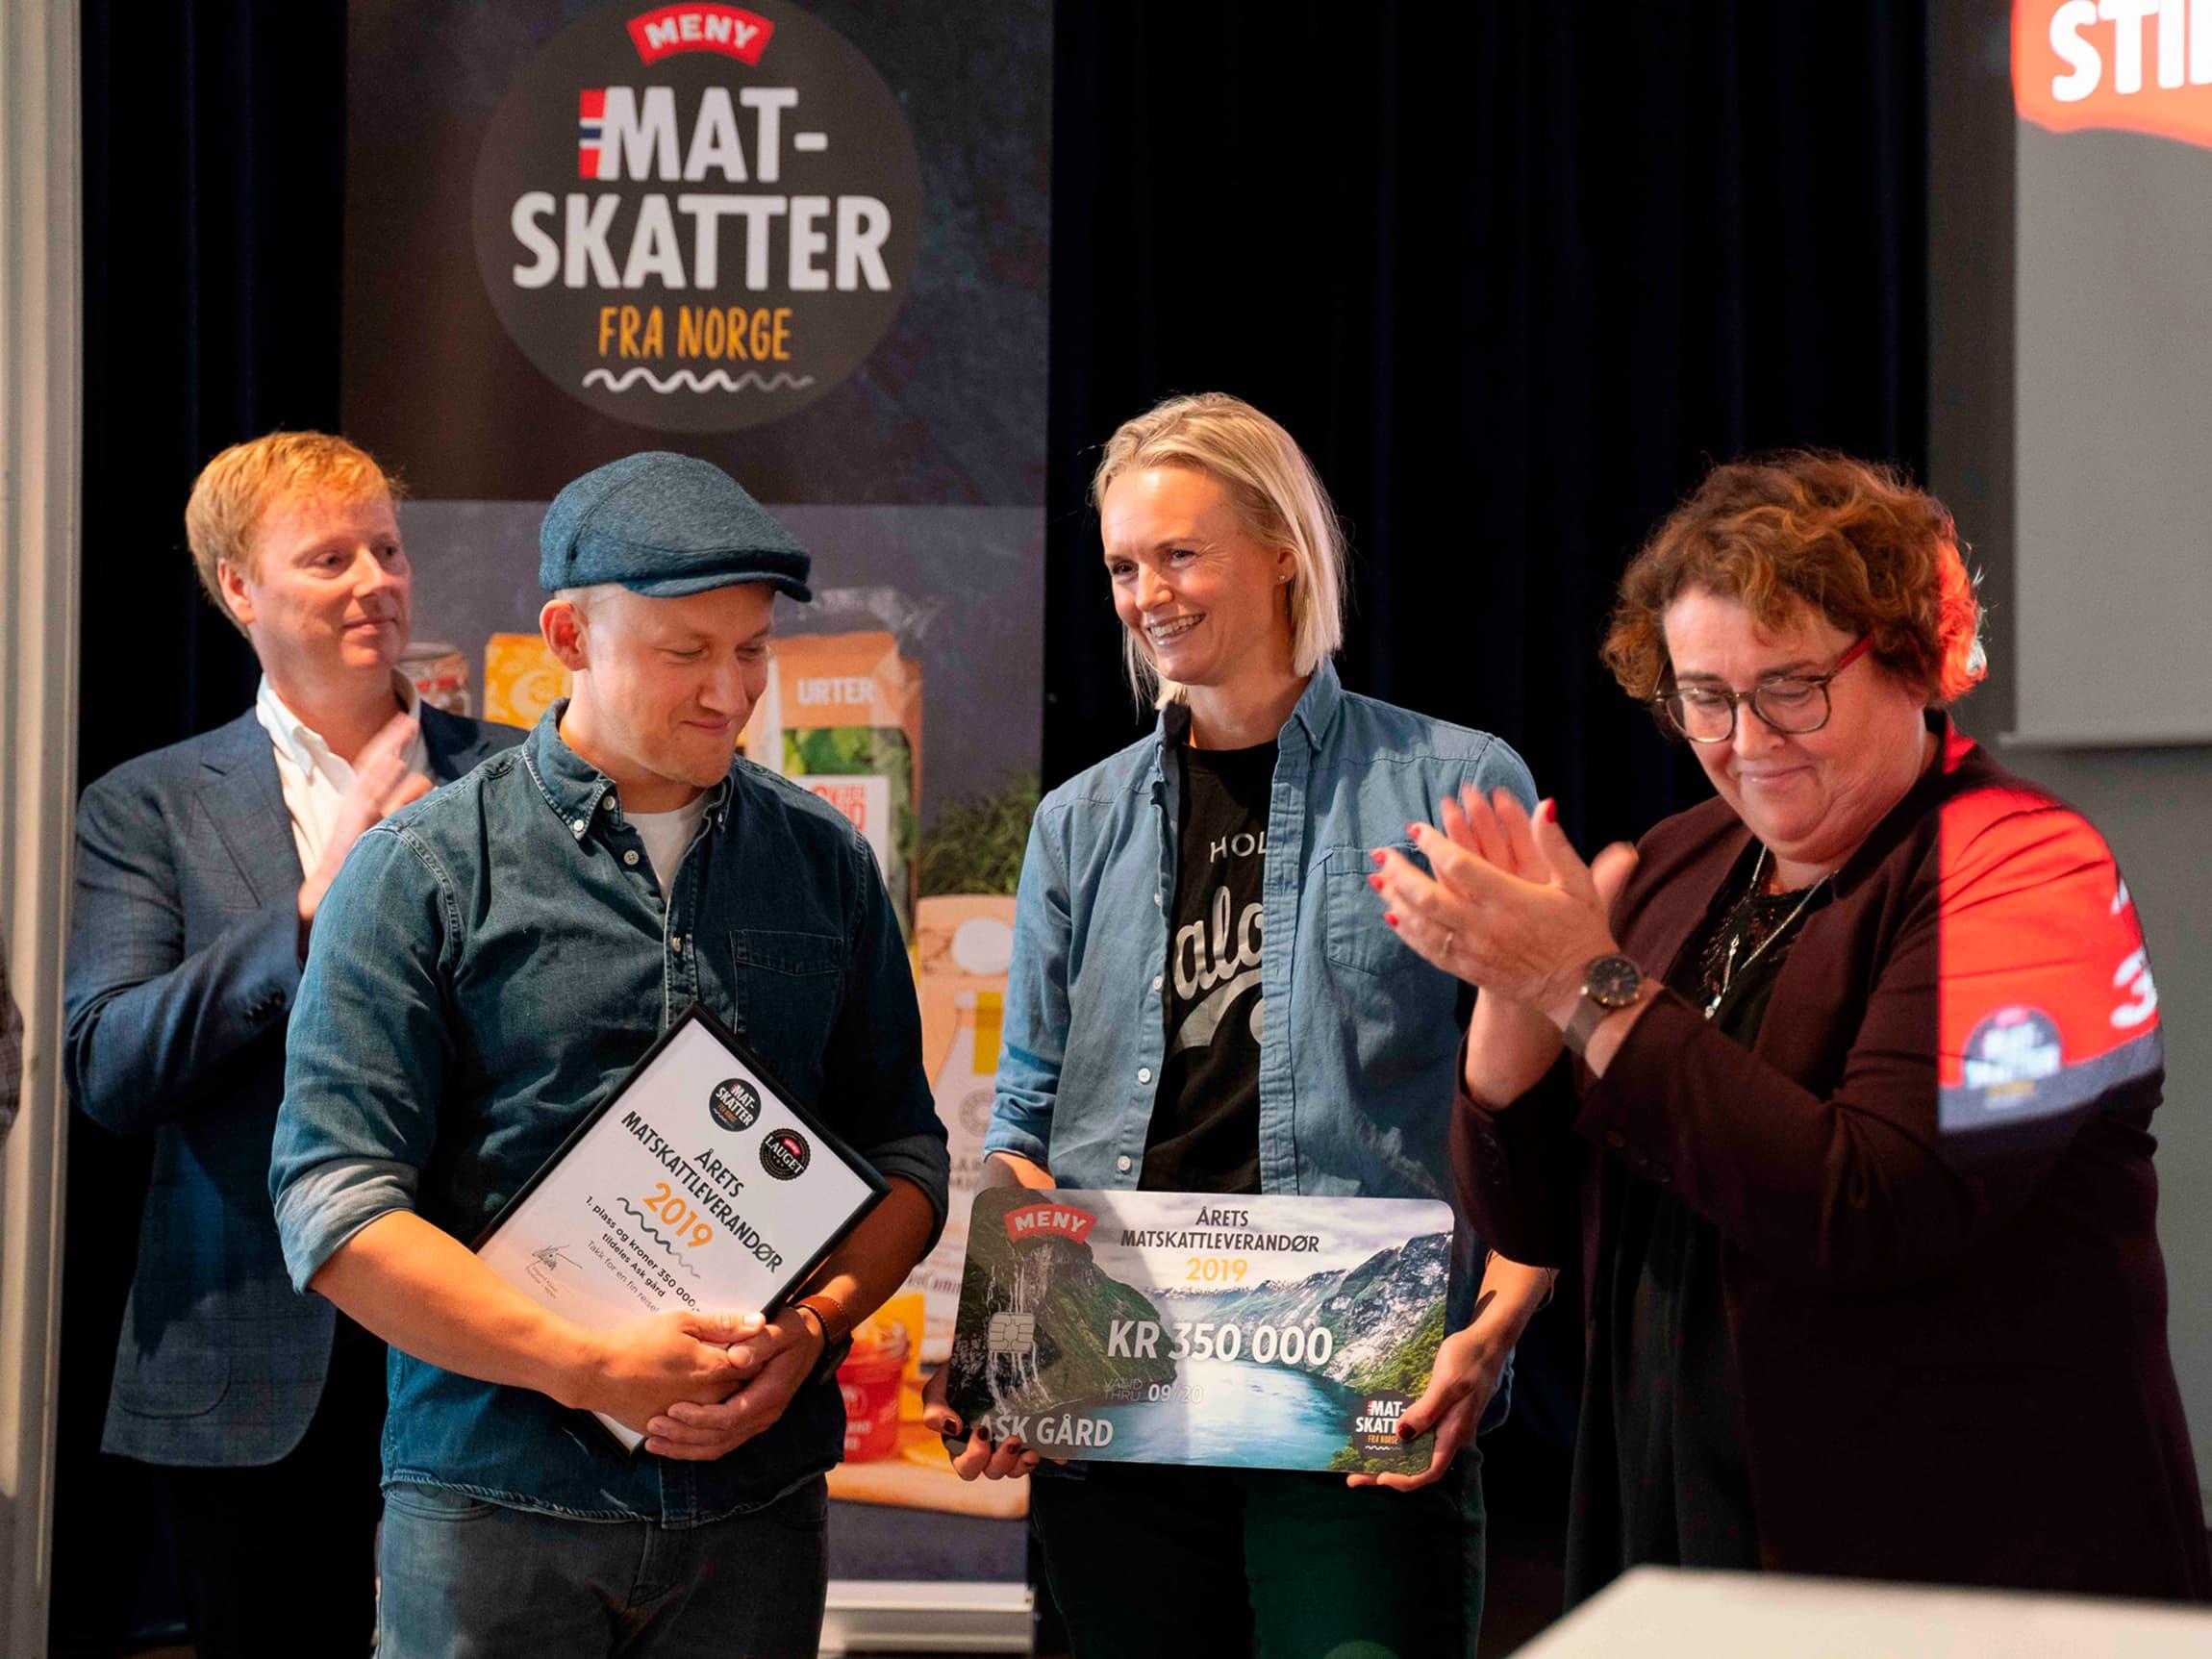 MENY-sjef Vegard Kjuus og Landbruks- og matminister Olaug Bollestad deler ut prisen til Ask.